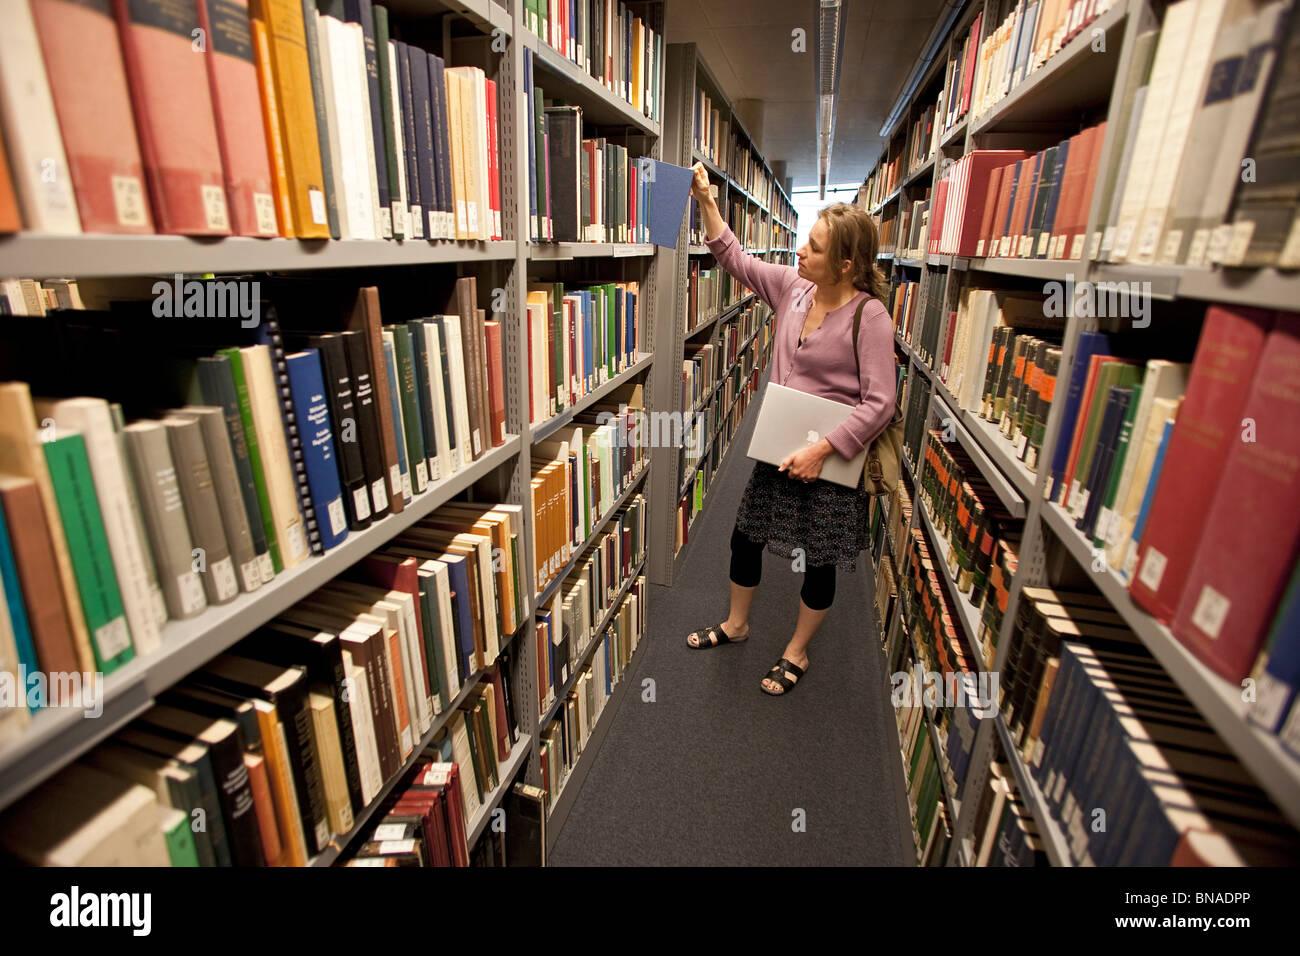 Book shelves in the Philologische Bibliothek of the Freie Universitaet Berlin, designed by Norman Foster, Berlin, - Stock Image